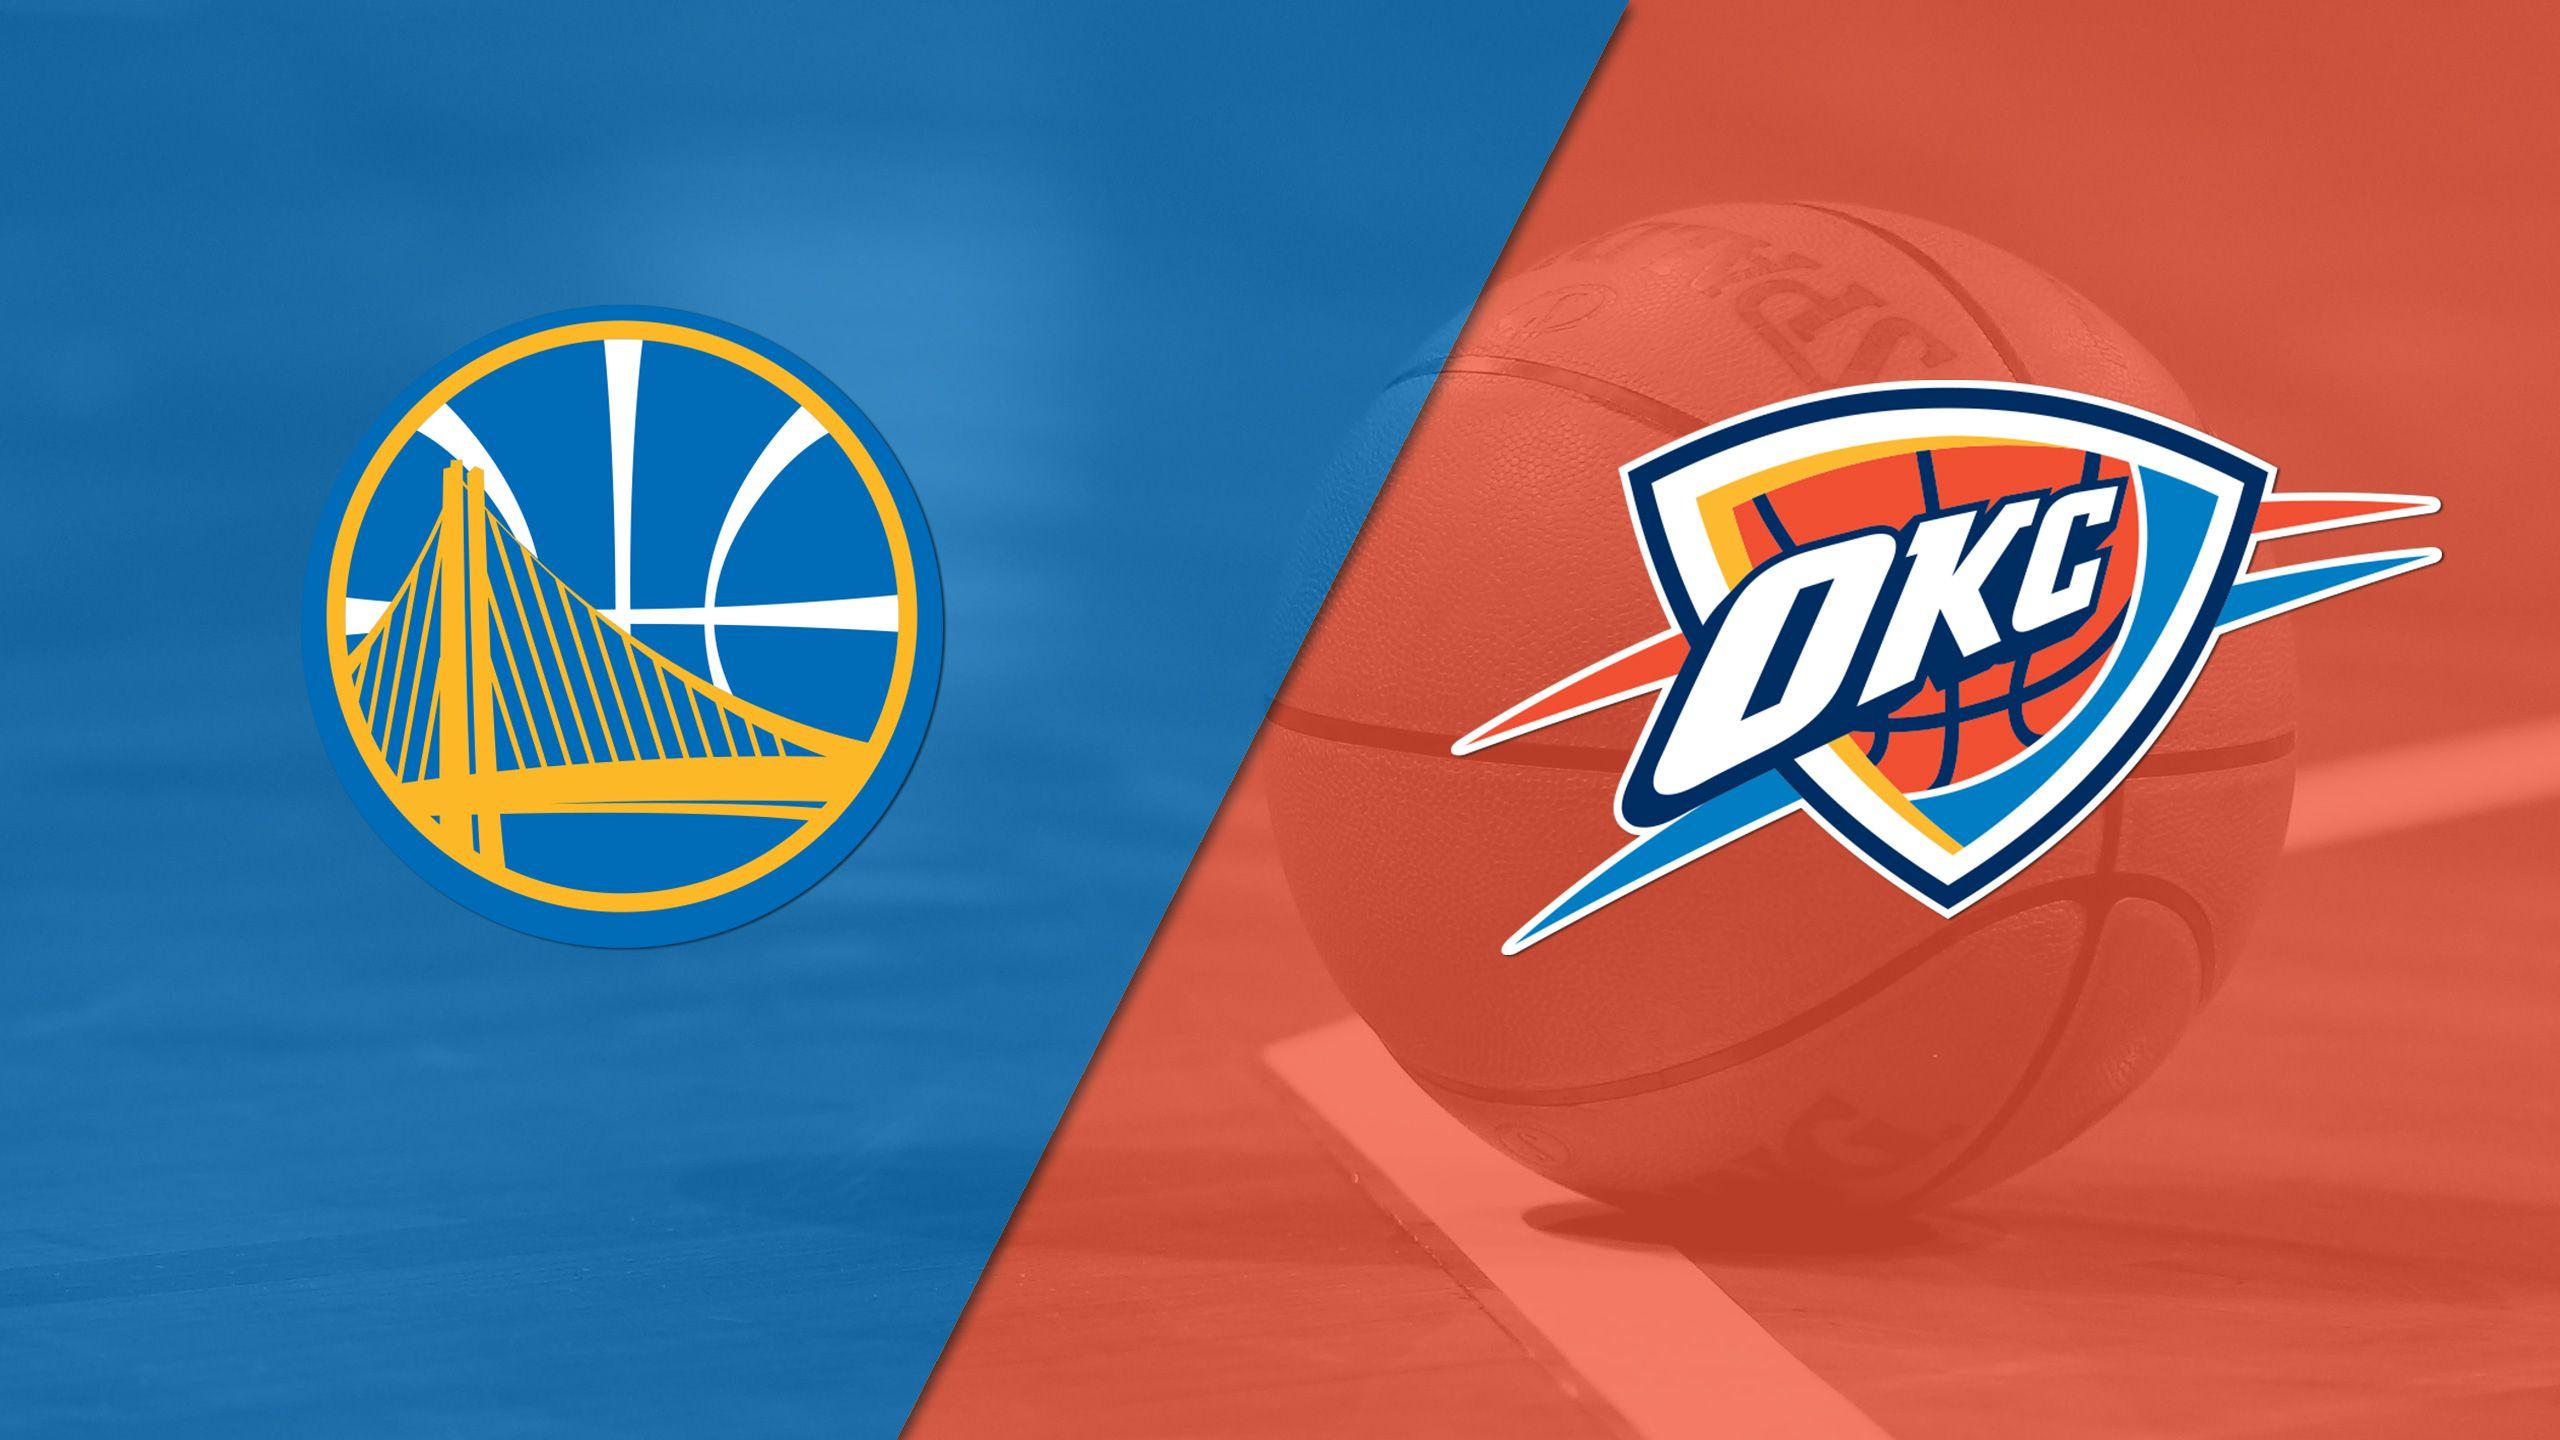 In Spanish - Golden State Warriors vs. Oklahoma City Thunder